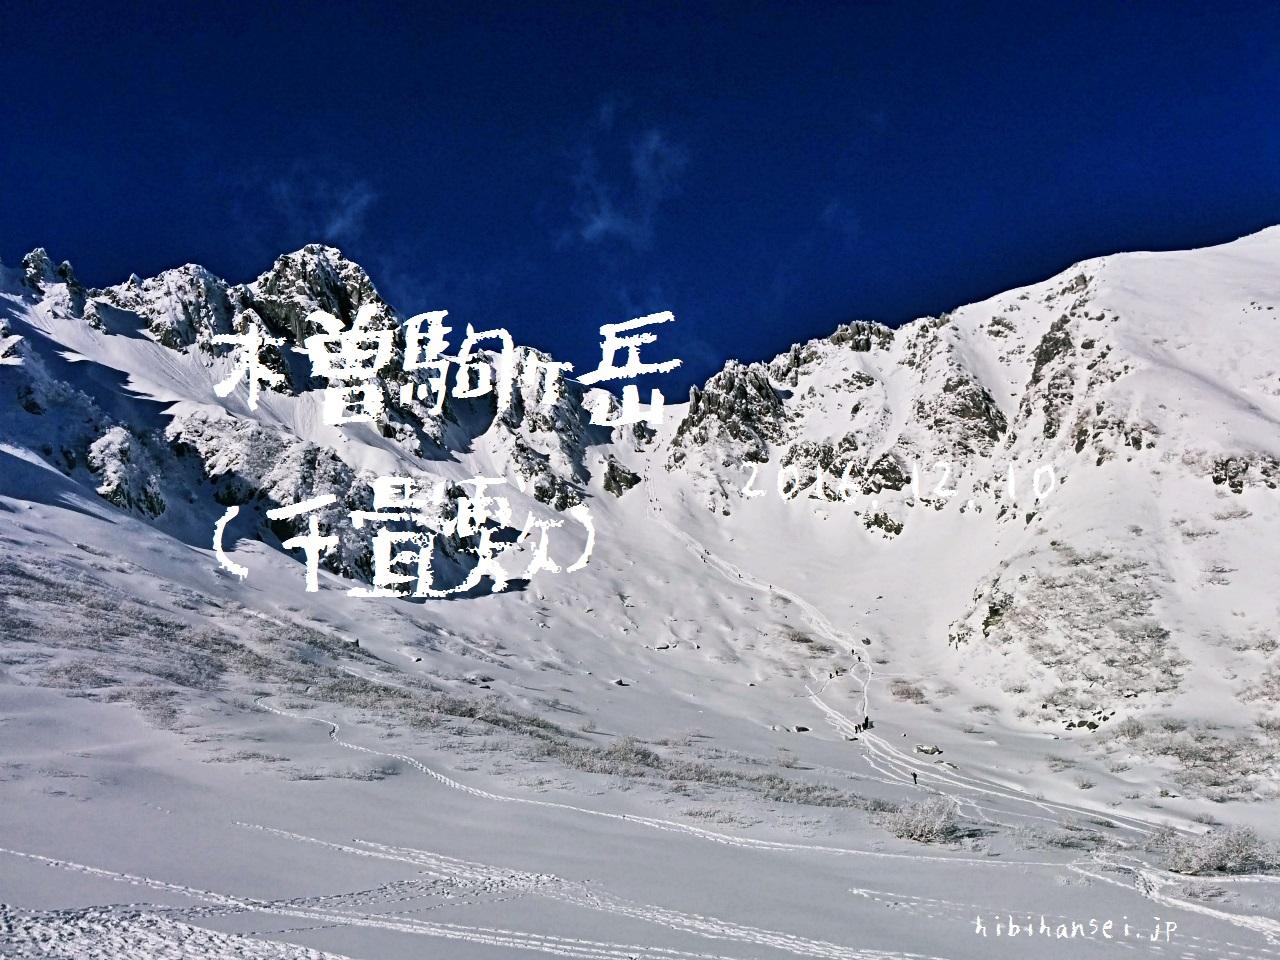 木曽駒ヶ岳(千畳敷) 宝剣から吹き下ろす地吹雪の波 雪山登山(2016.12.10)